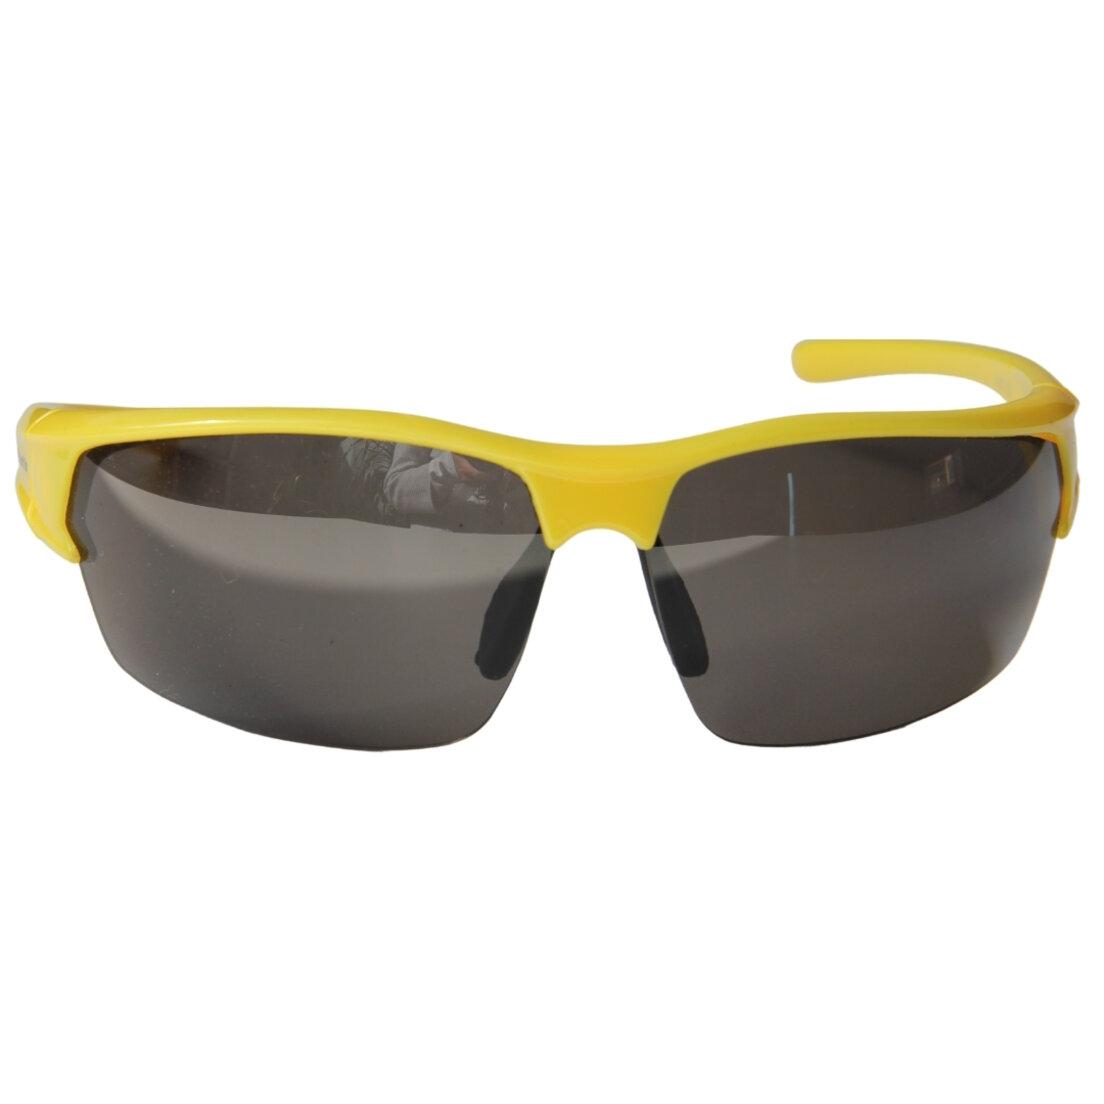 OUTLET - Óculos de Sol Khatto Esportivo Share